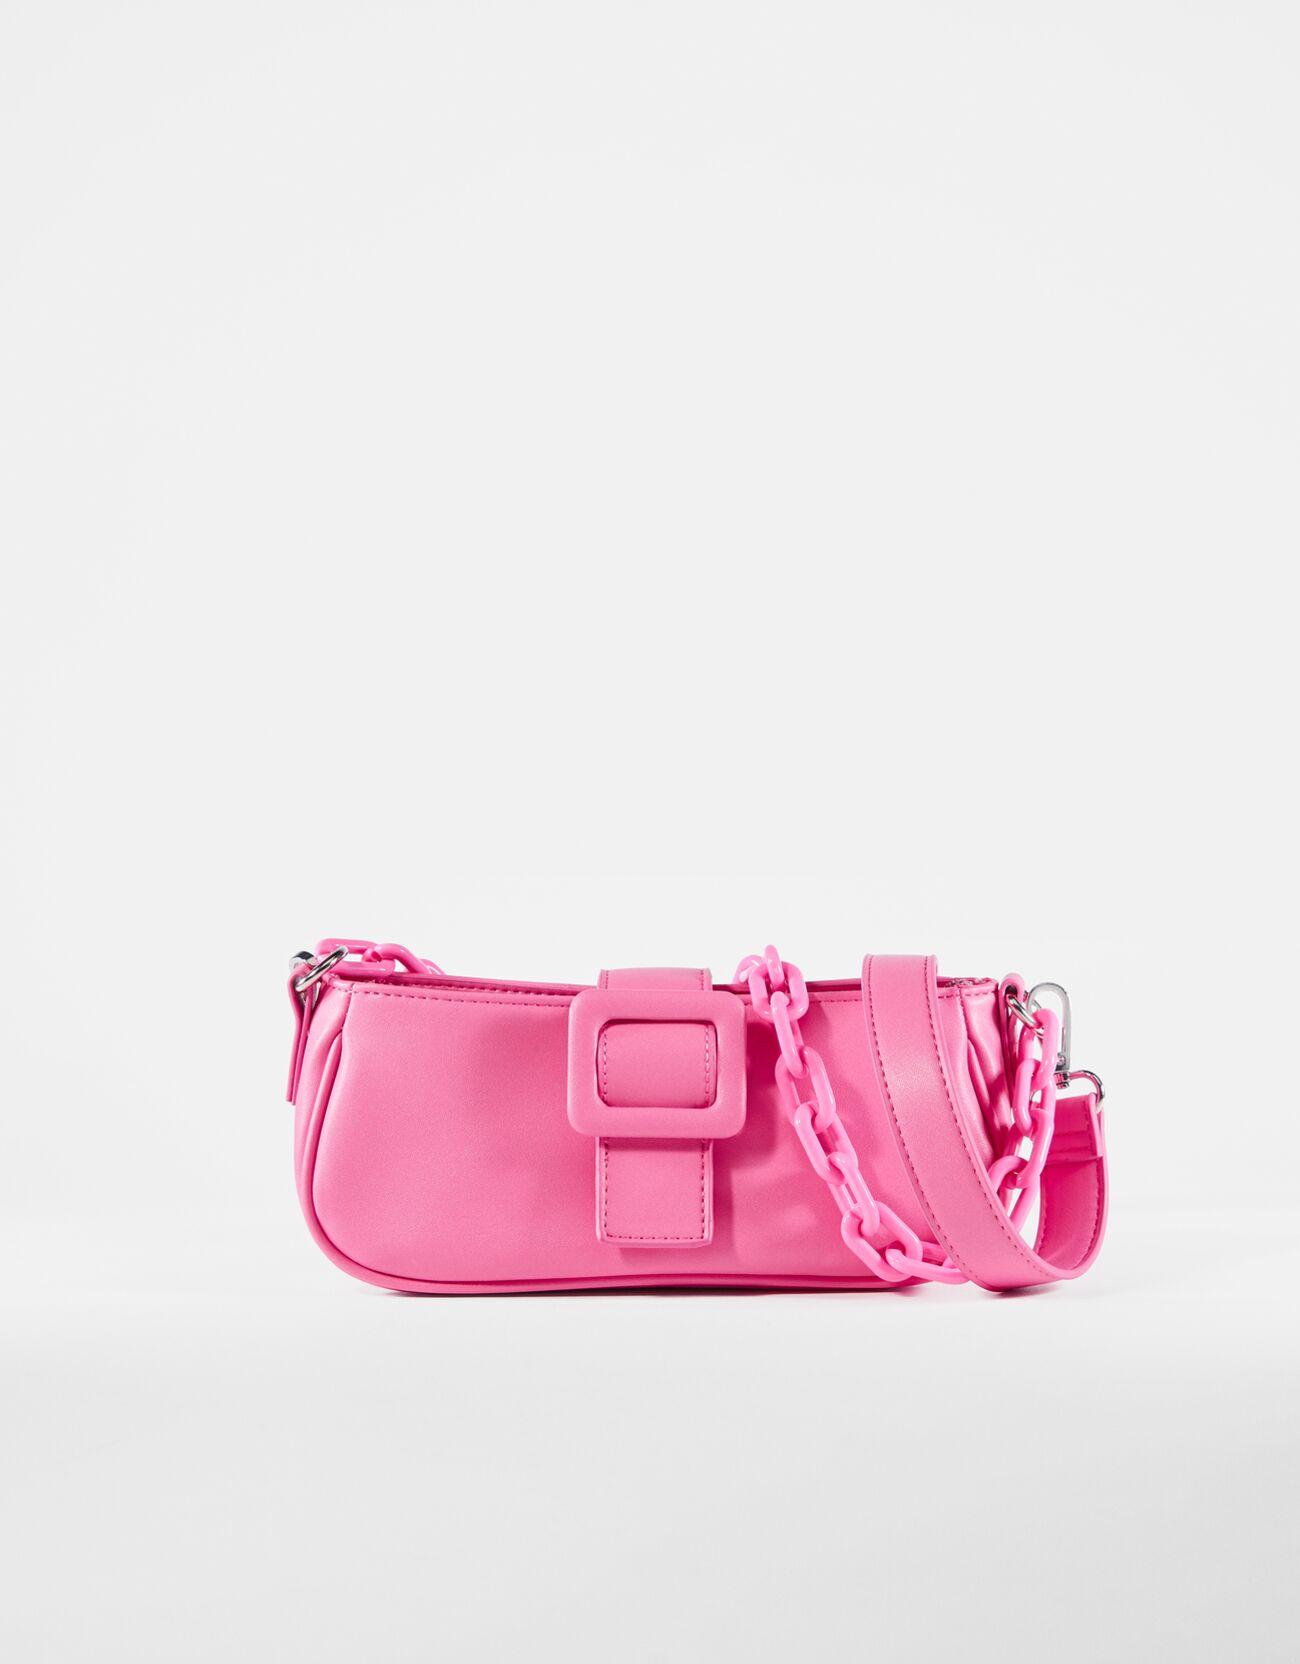 bershka -  Tasche Mit Kette Und Schnalle Damen Rosa